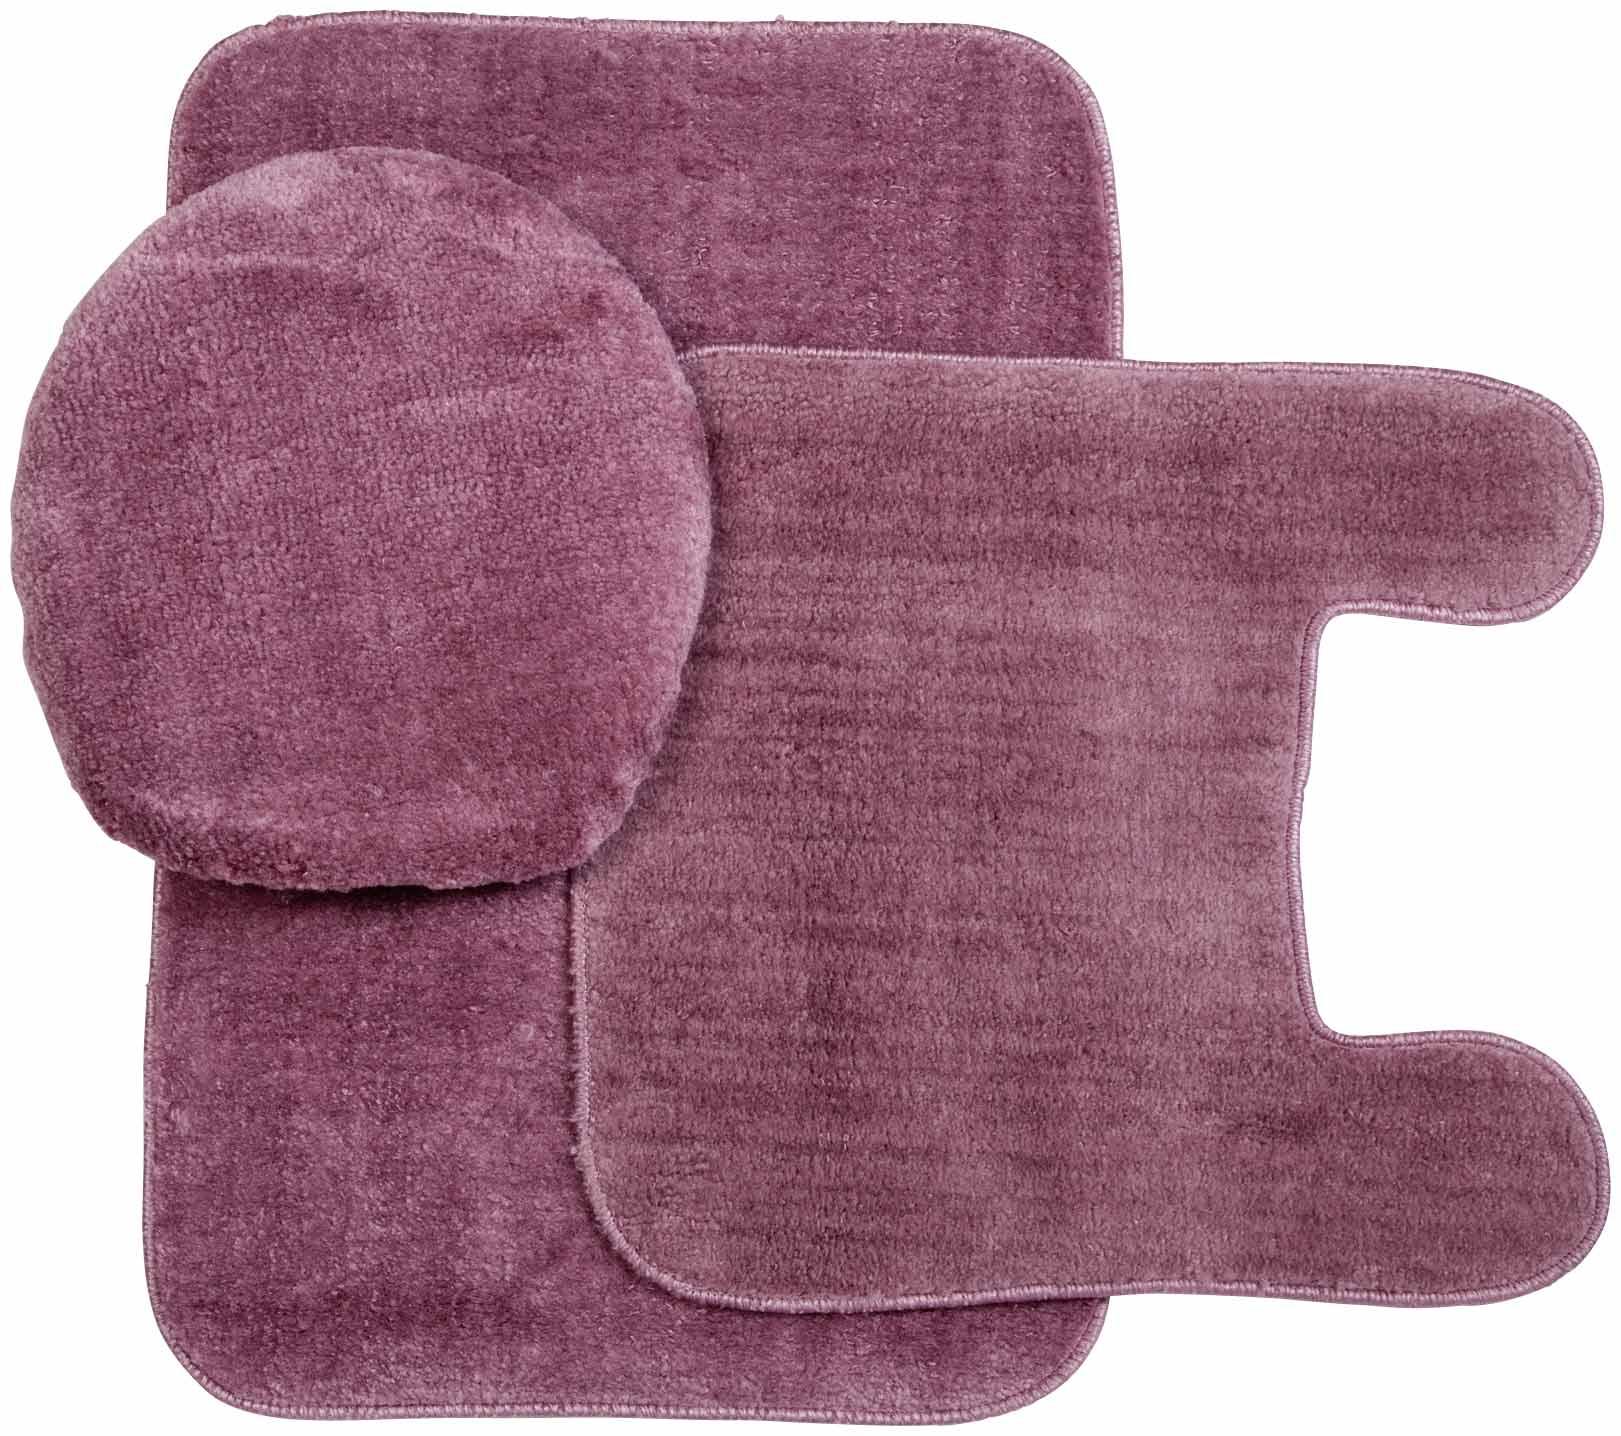 kimball plush rug and lid 3 pc bath set